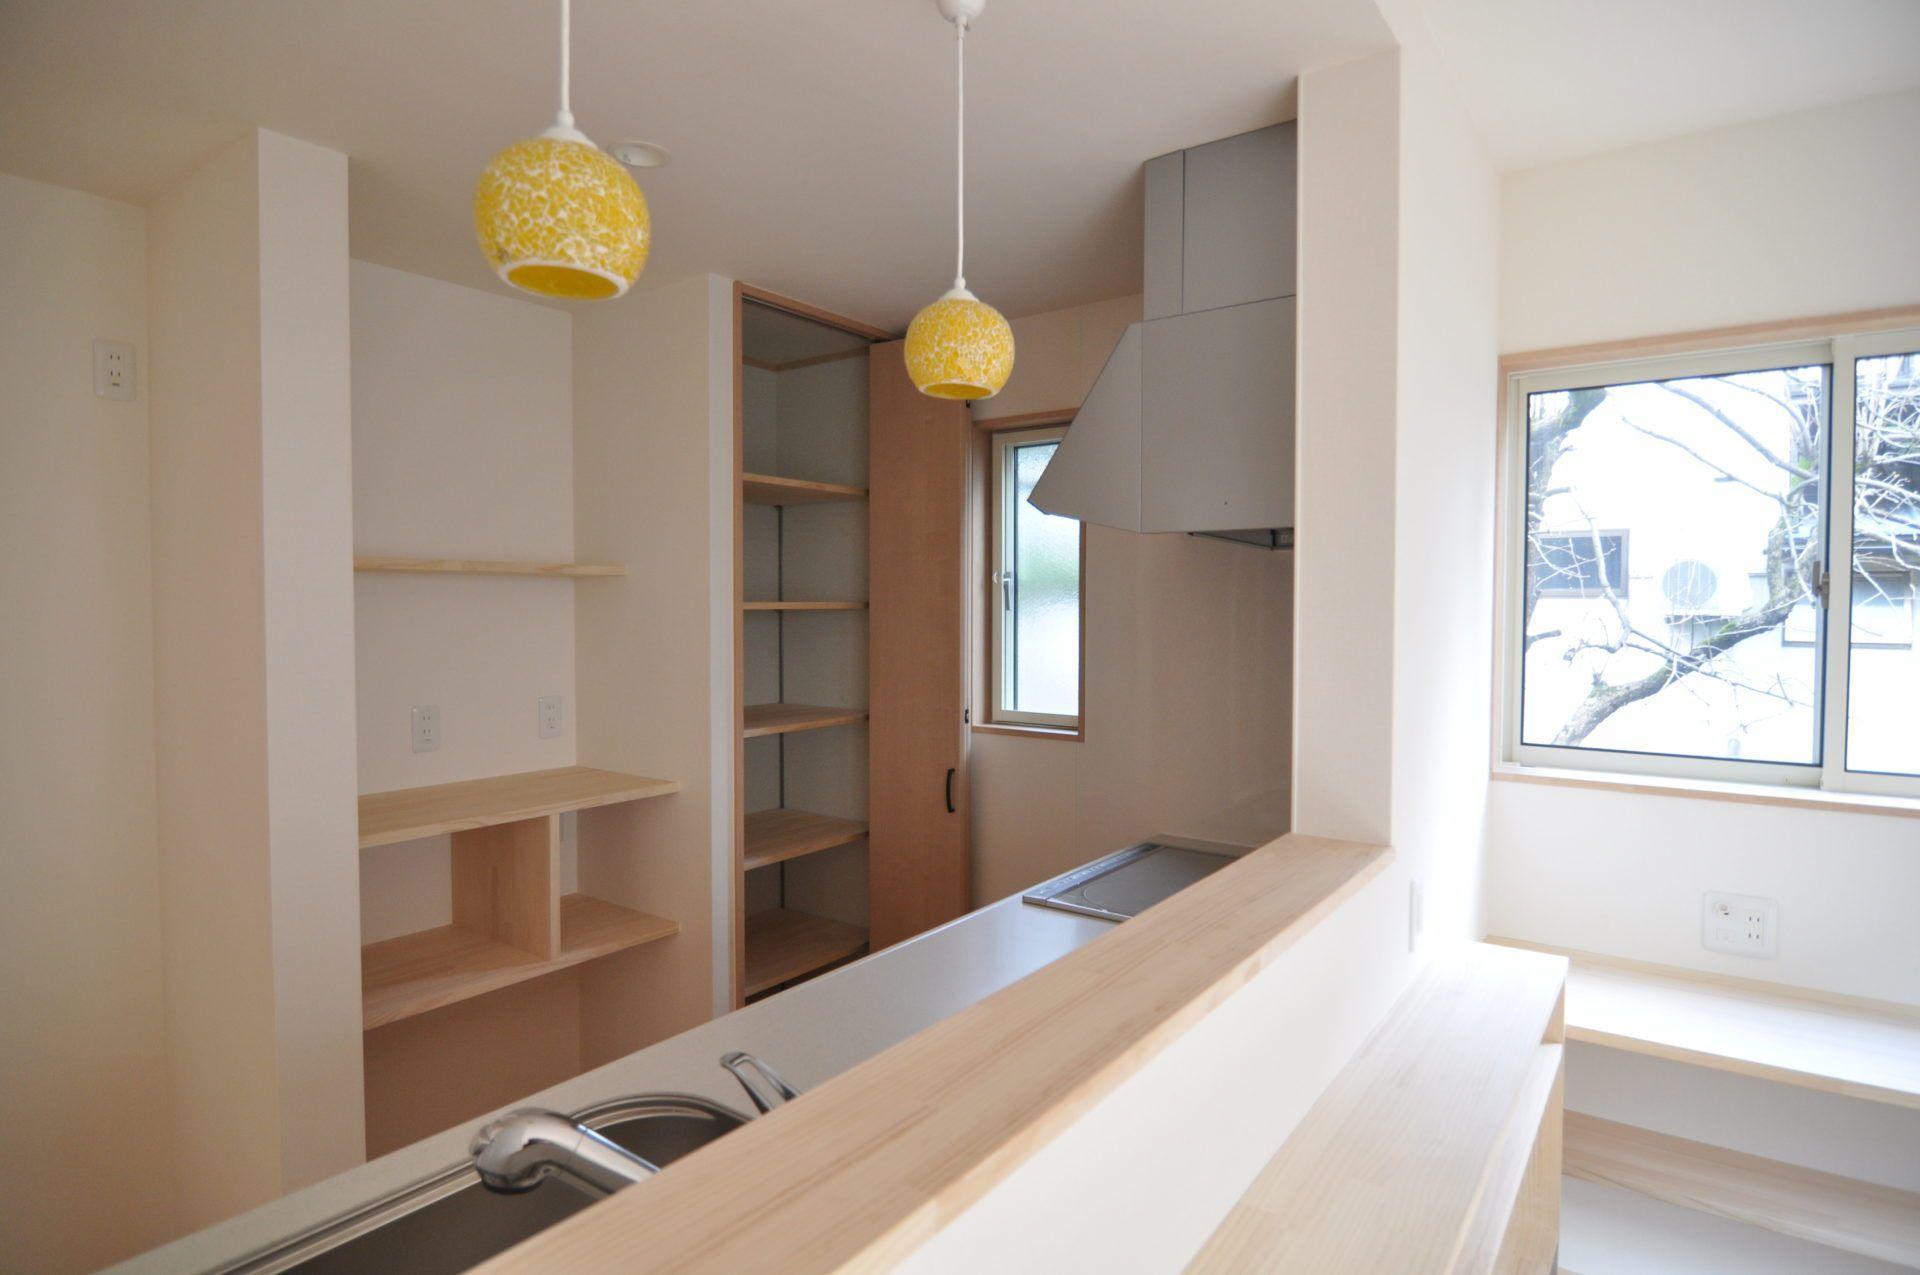 有限会社市川建築店「三条市 S様邸」のシンプル・ナチュラルなキッチンの実例写真